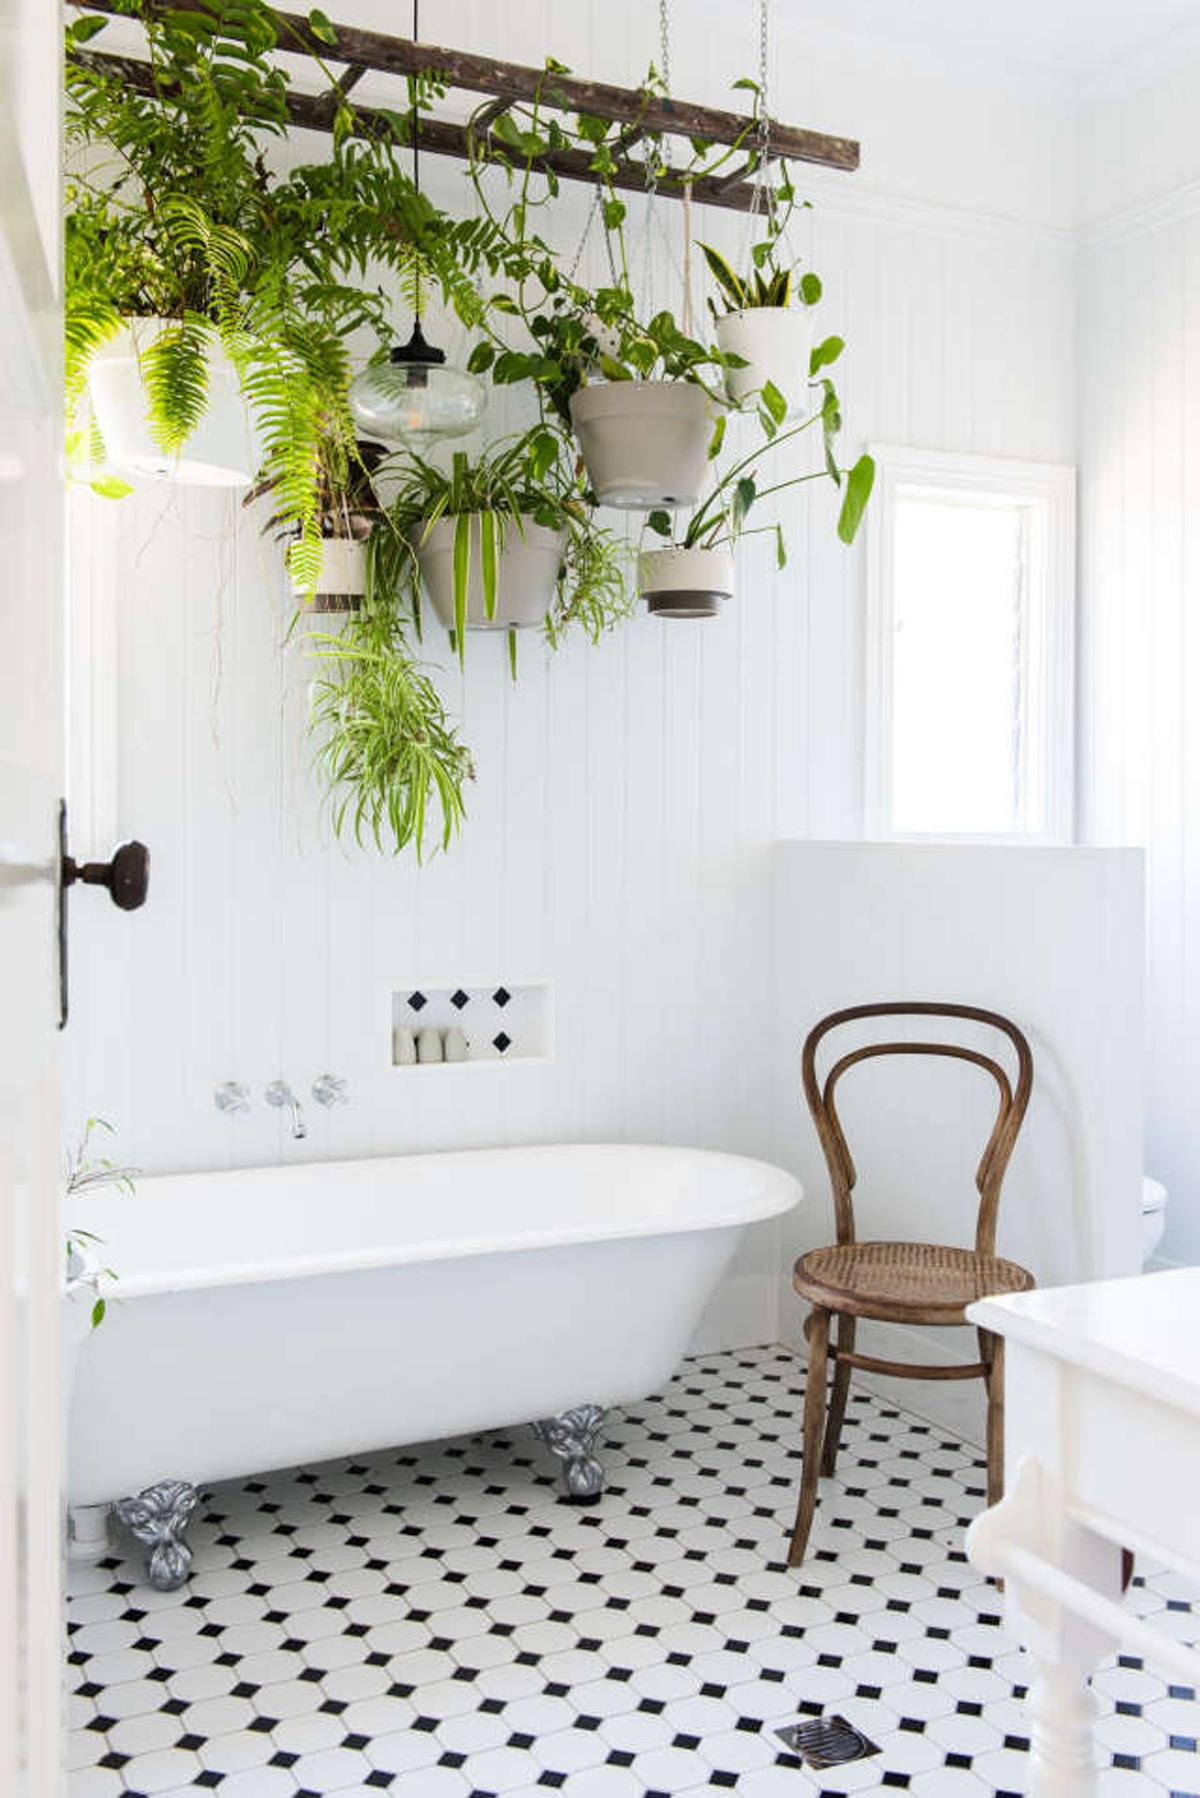 Piante Da Appartamento Per Bagno.6 Consigli Per Scegliere Le Piante Giuste Da Mettere In Bagno